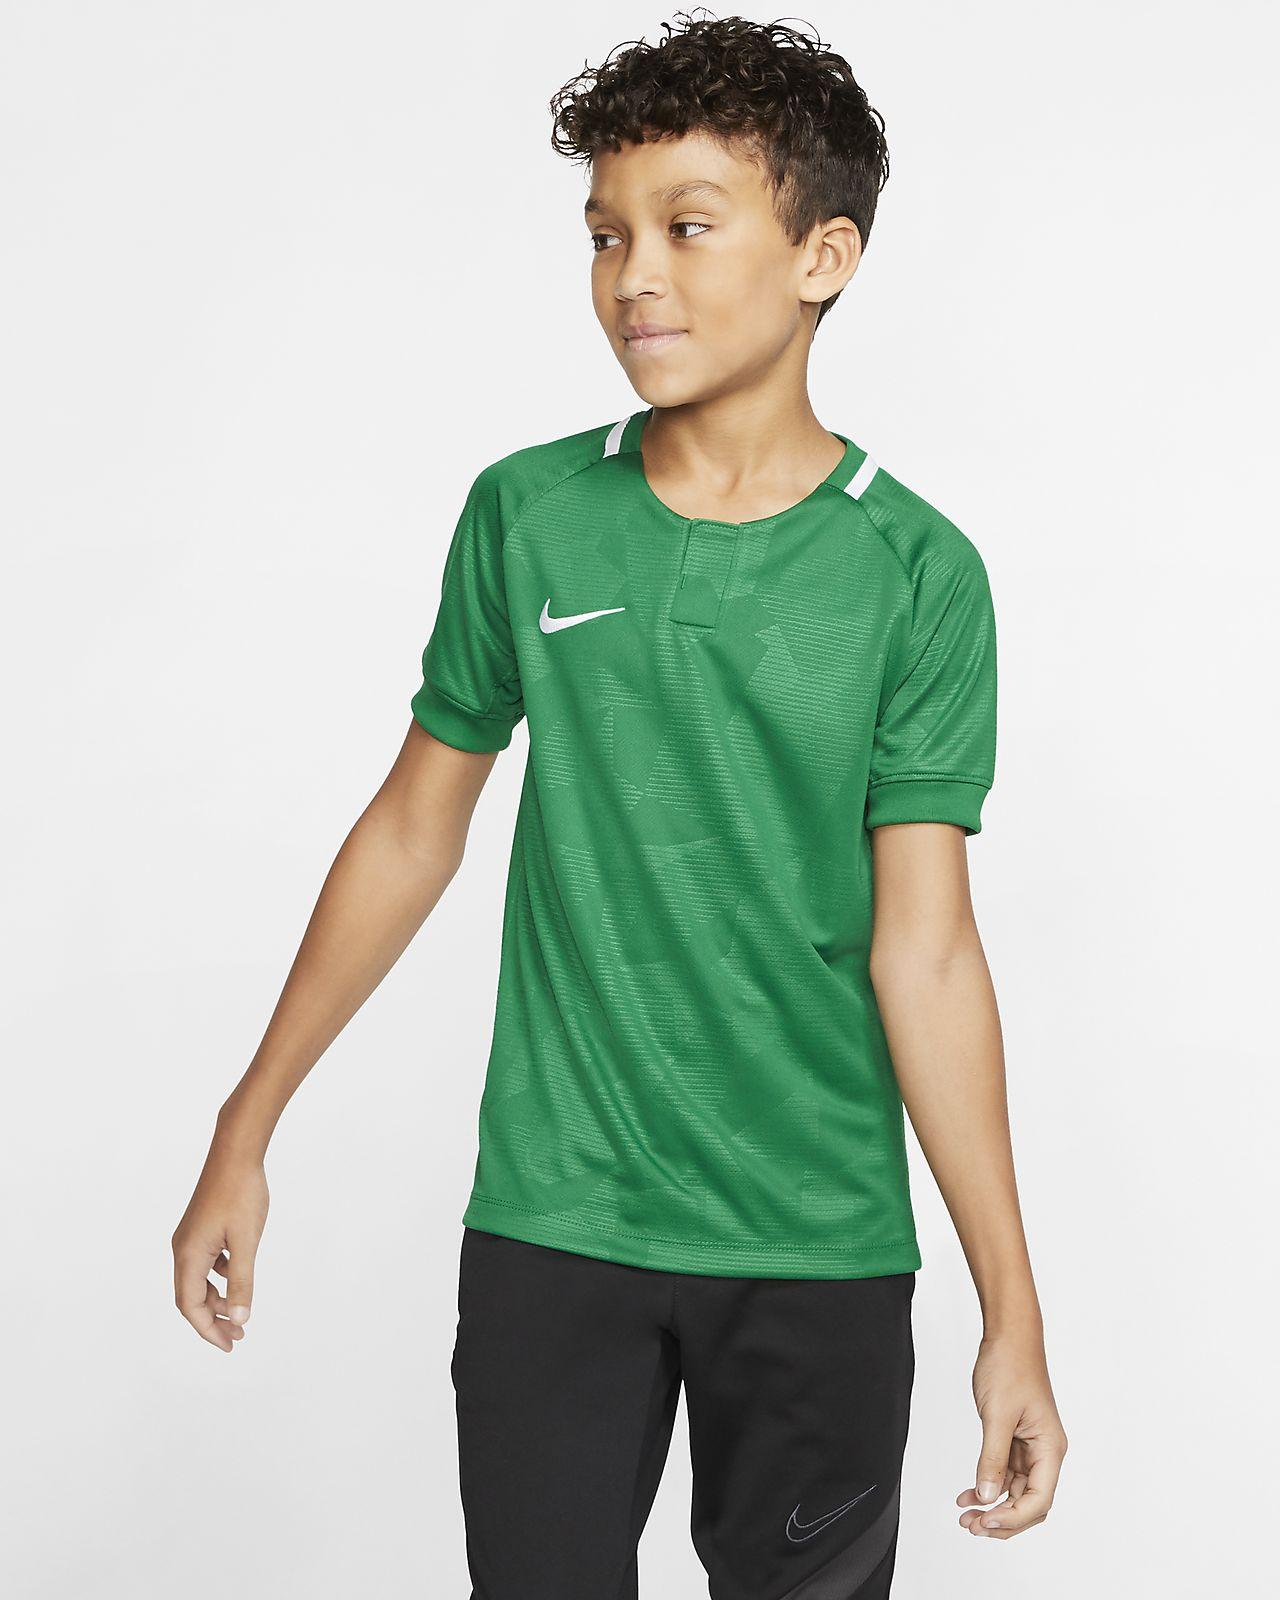 Koszulka piłkarska dla dużych dzieci Nike Dri FIT Challenge 2